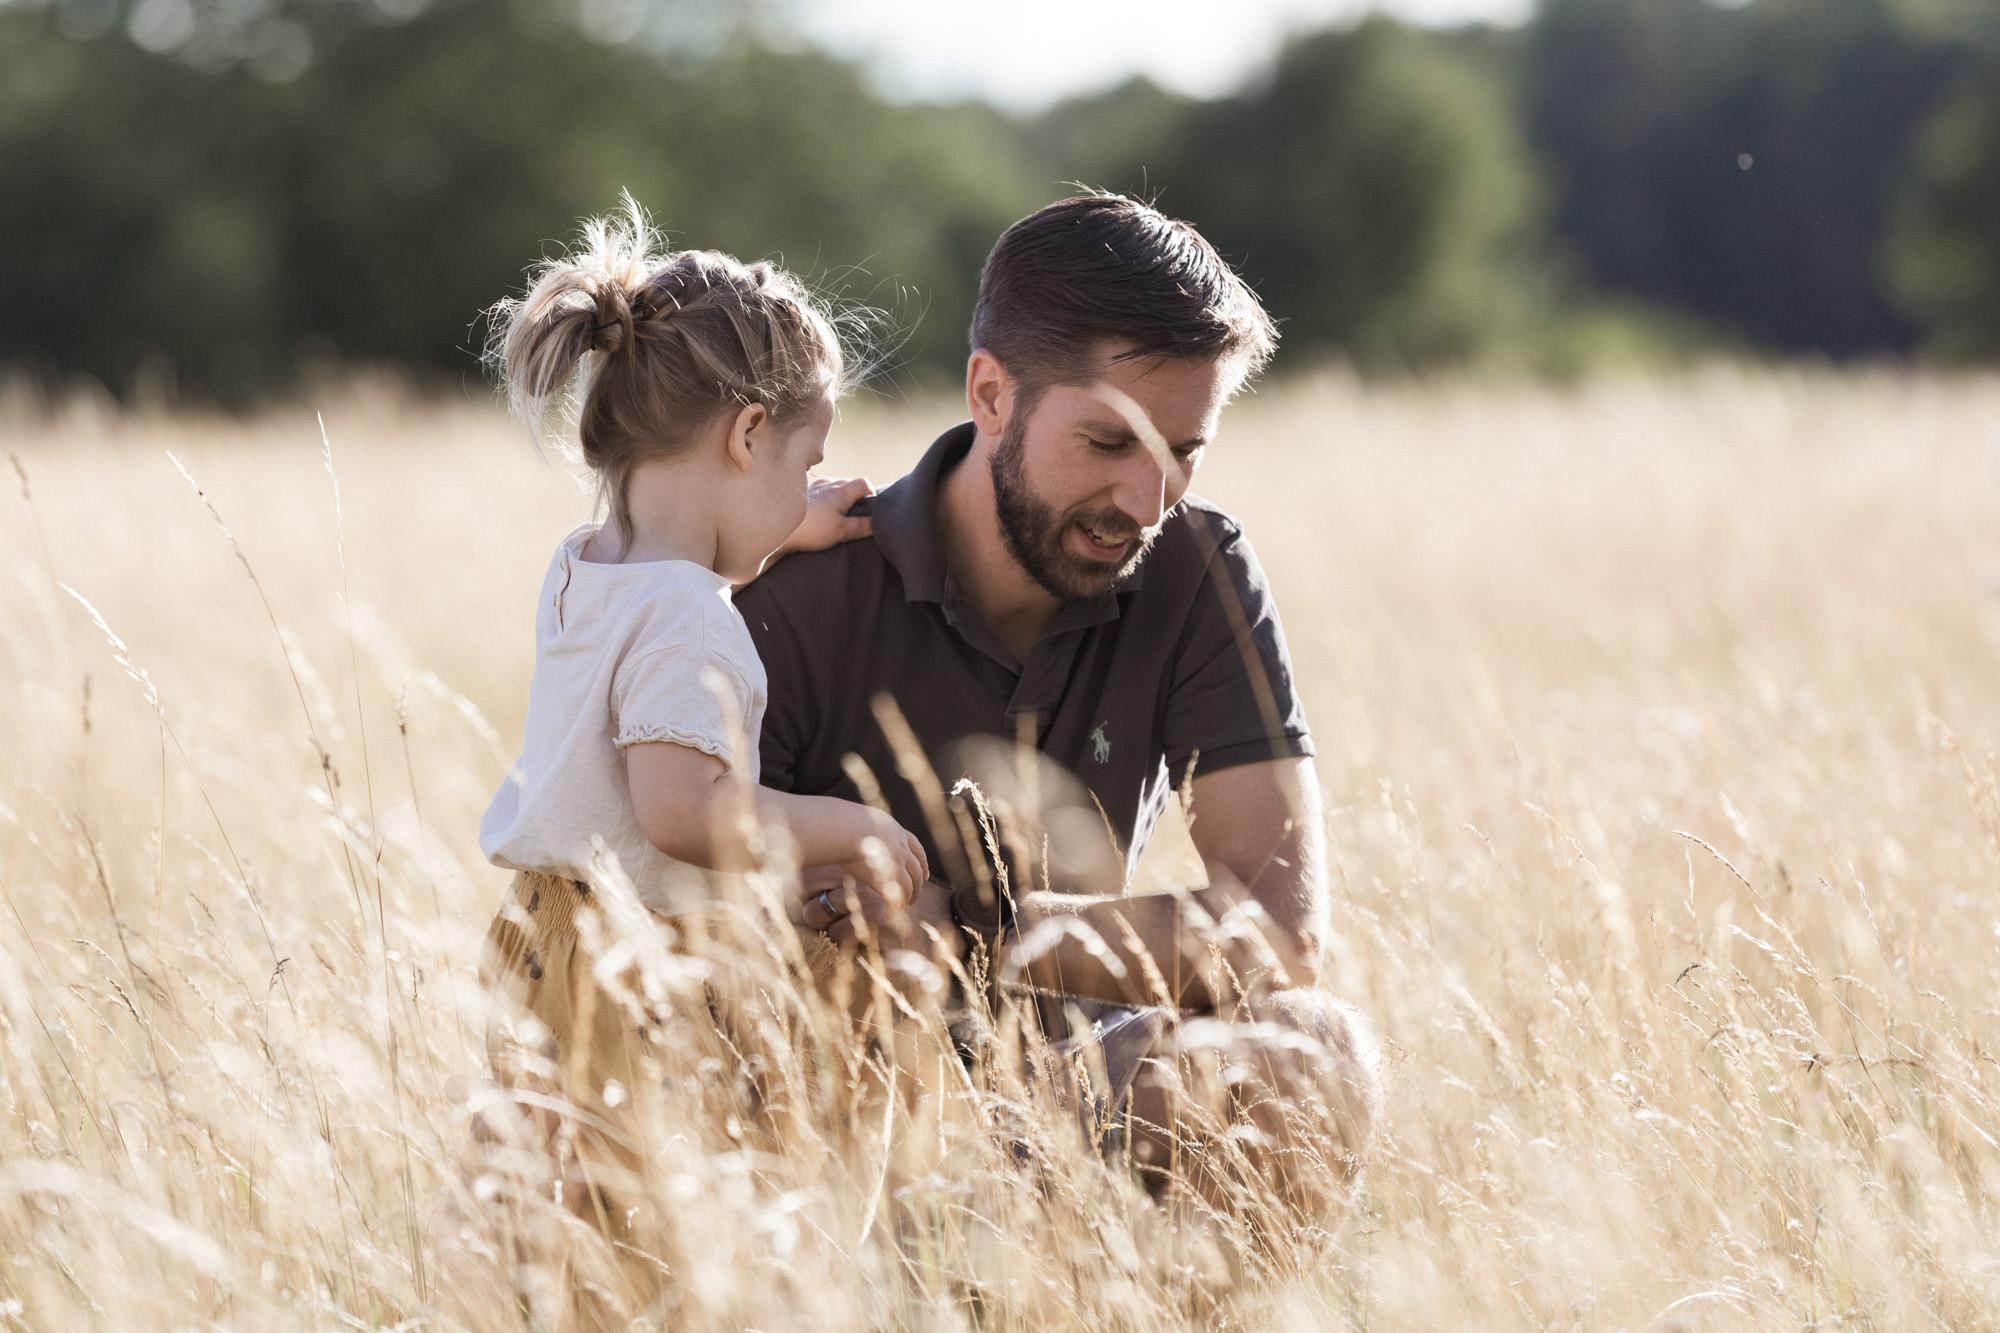 Familienreportage - ungestellte Familienbilder - Der Papa mit seiner Tocher auf der Wiese